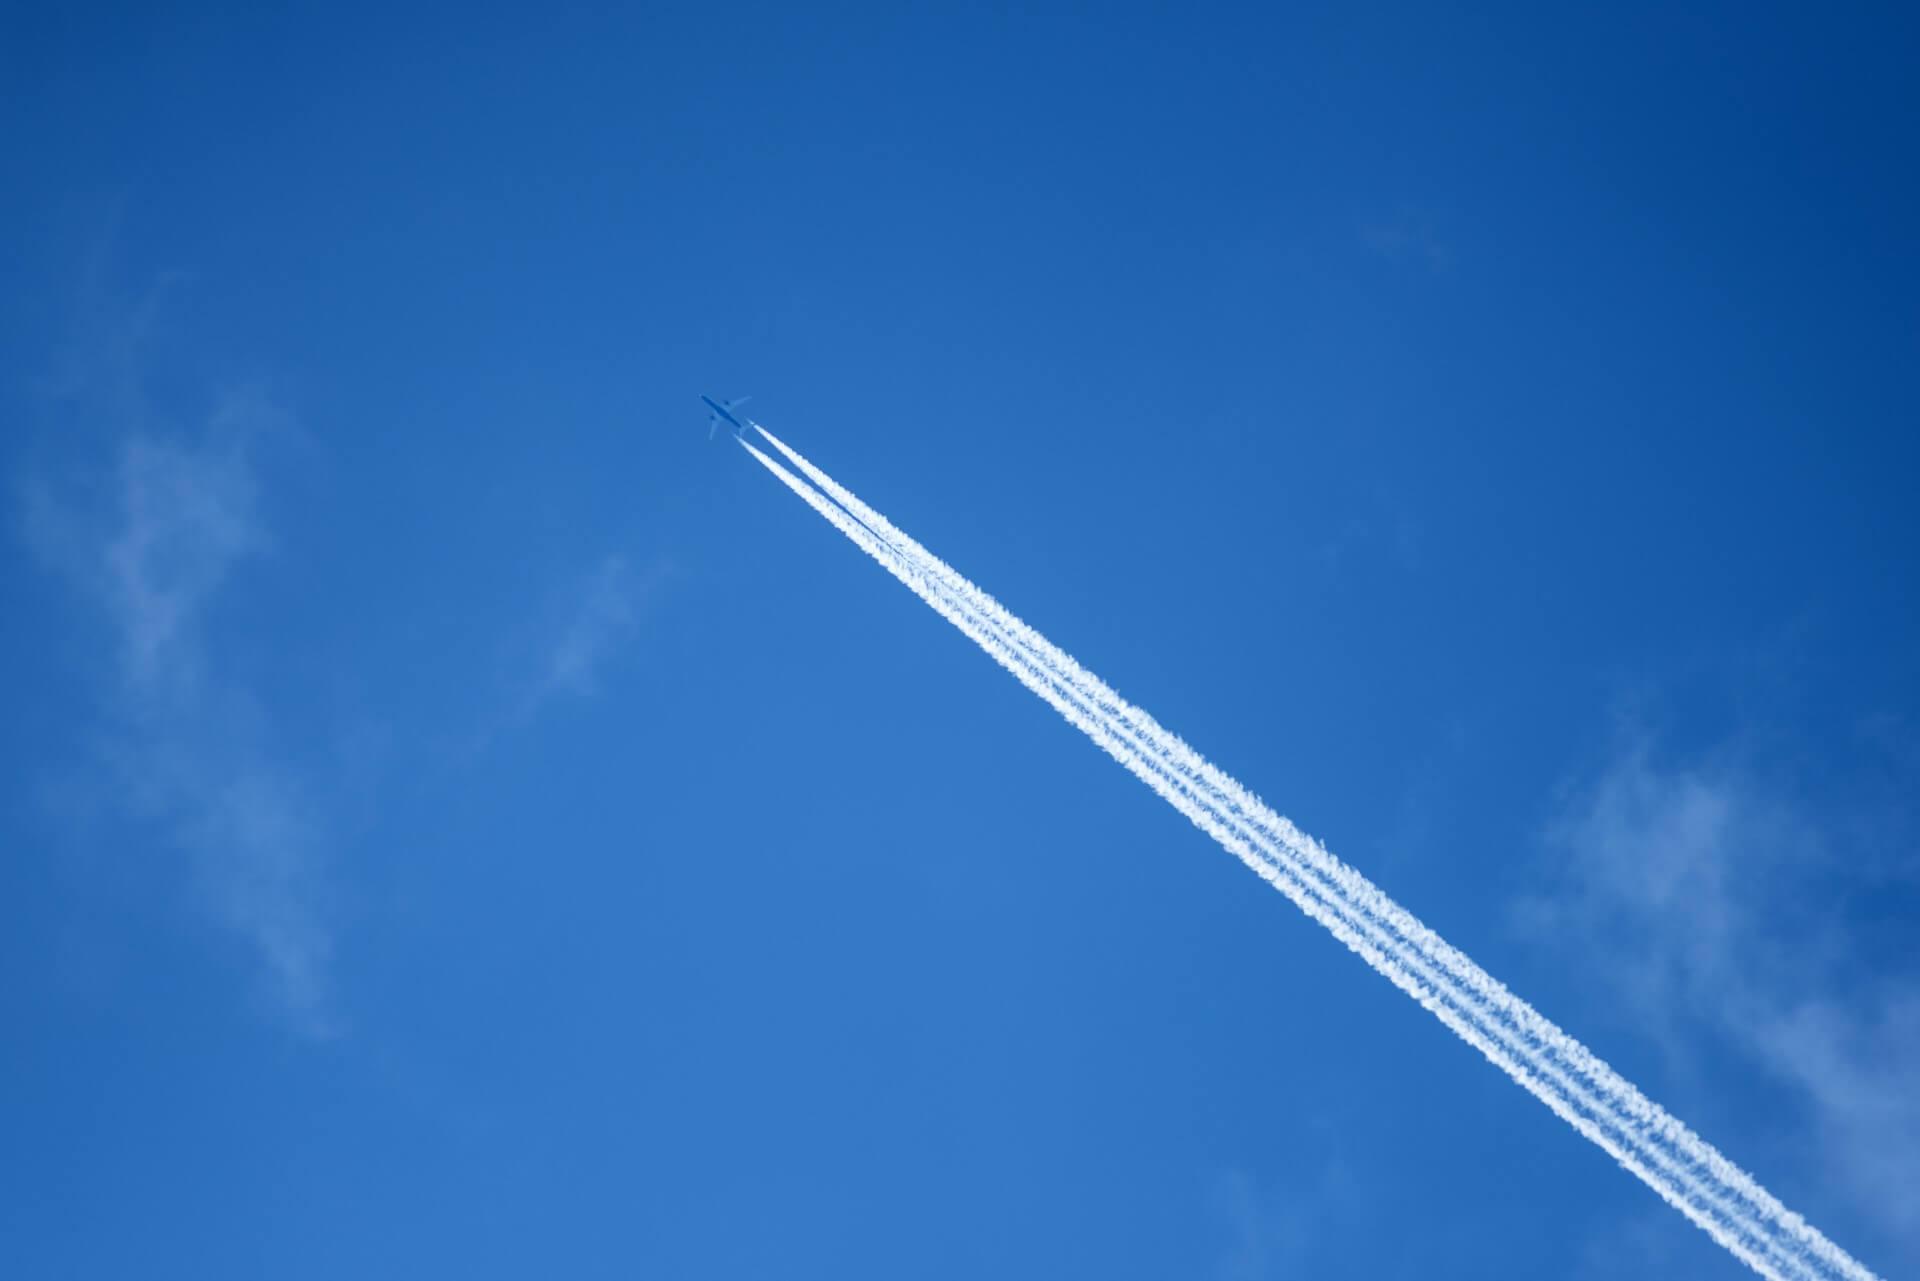 A jet leaving vapor trails.